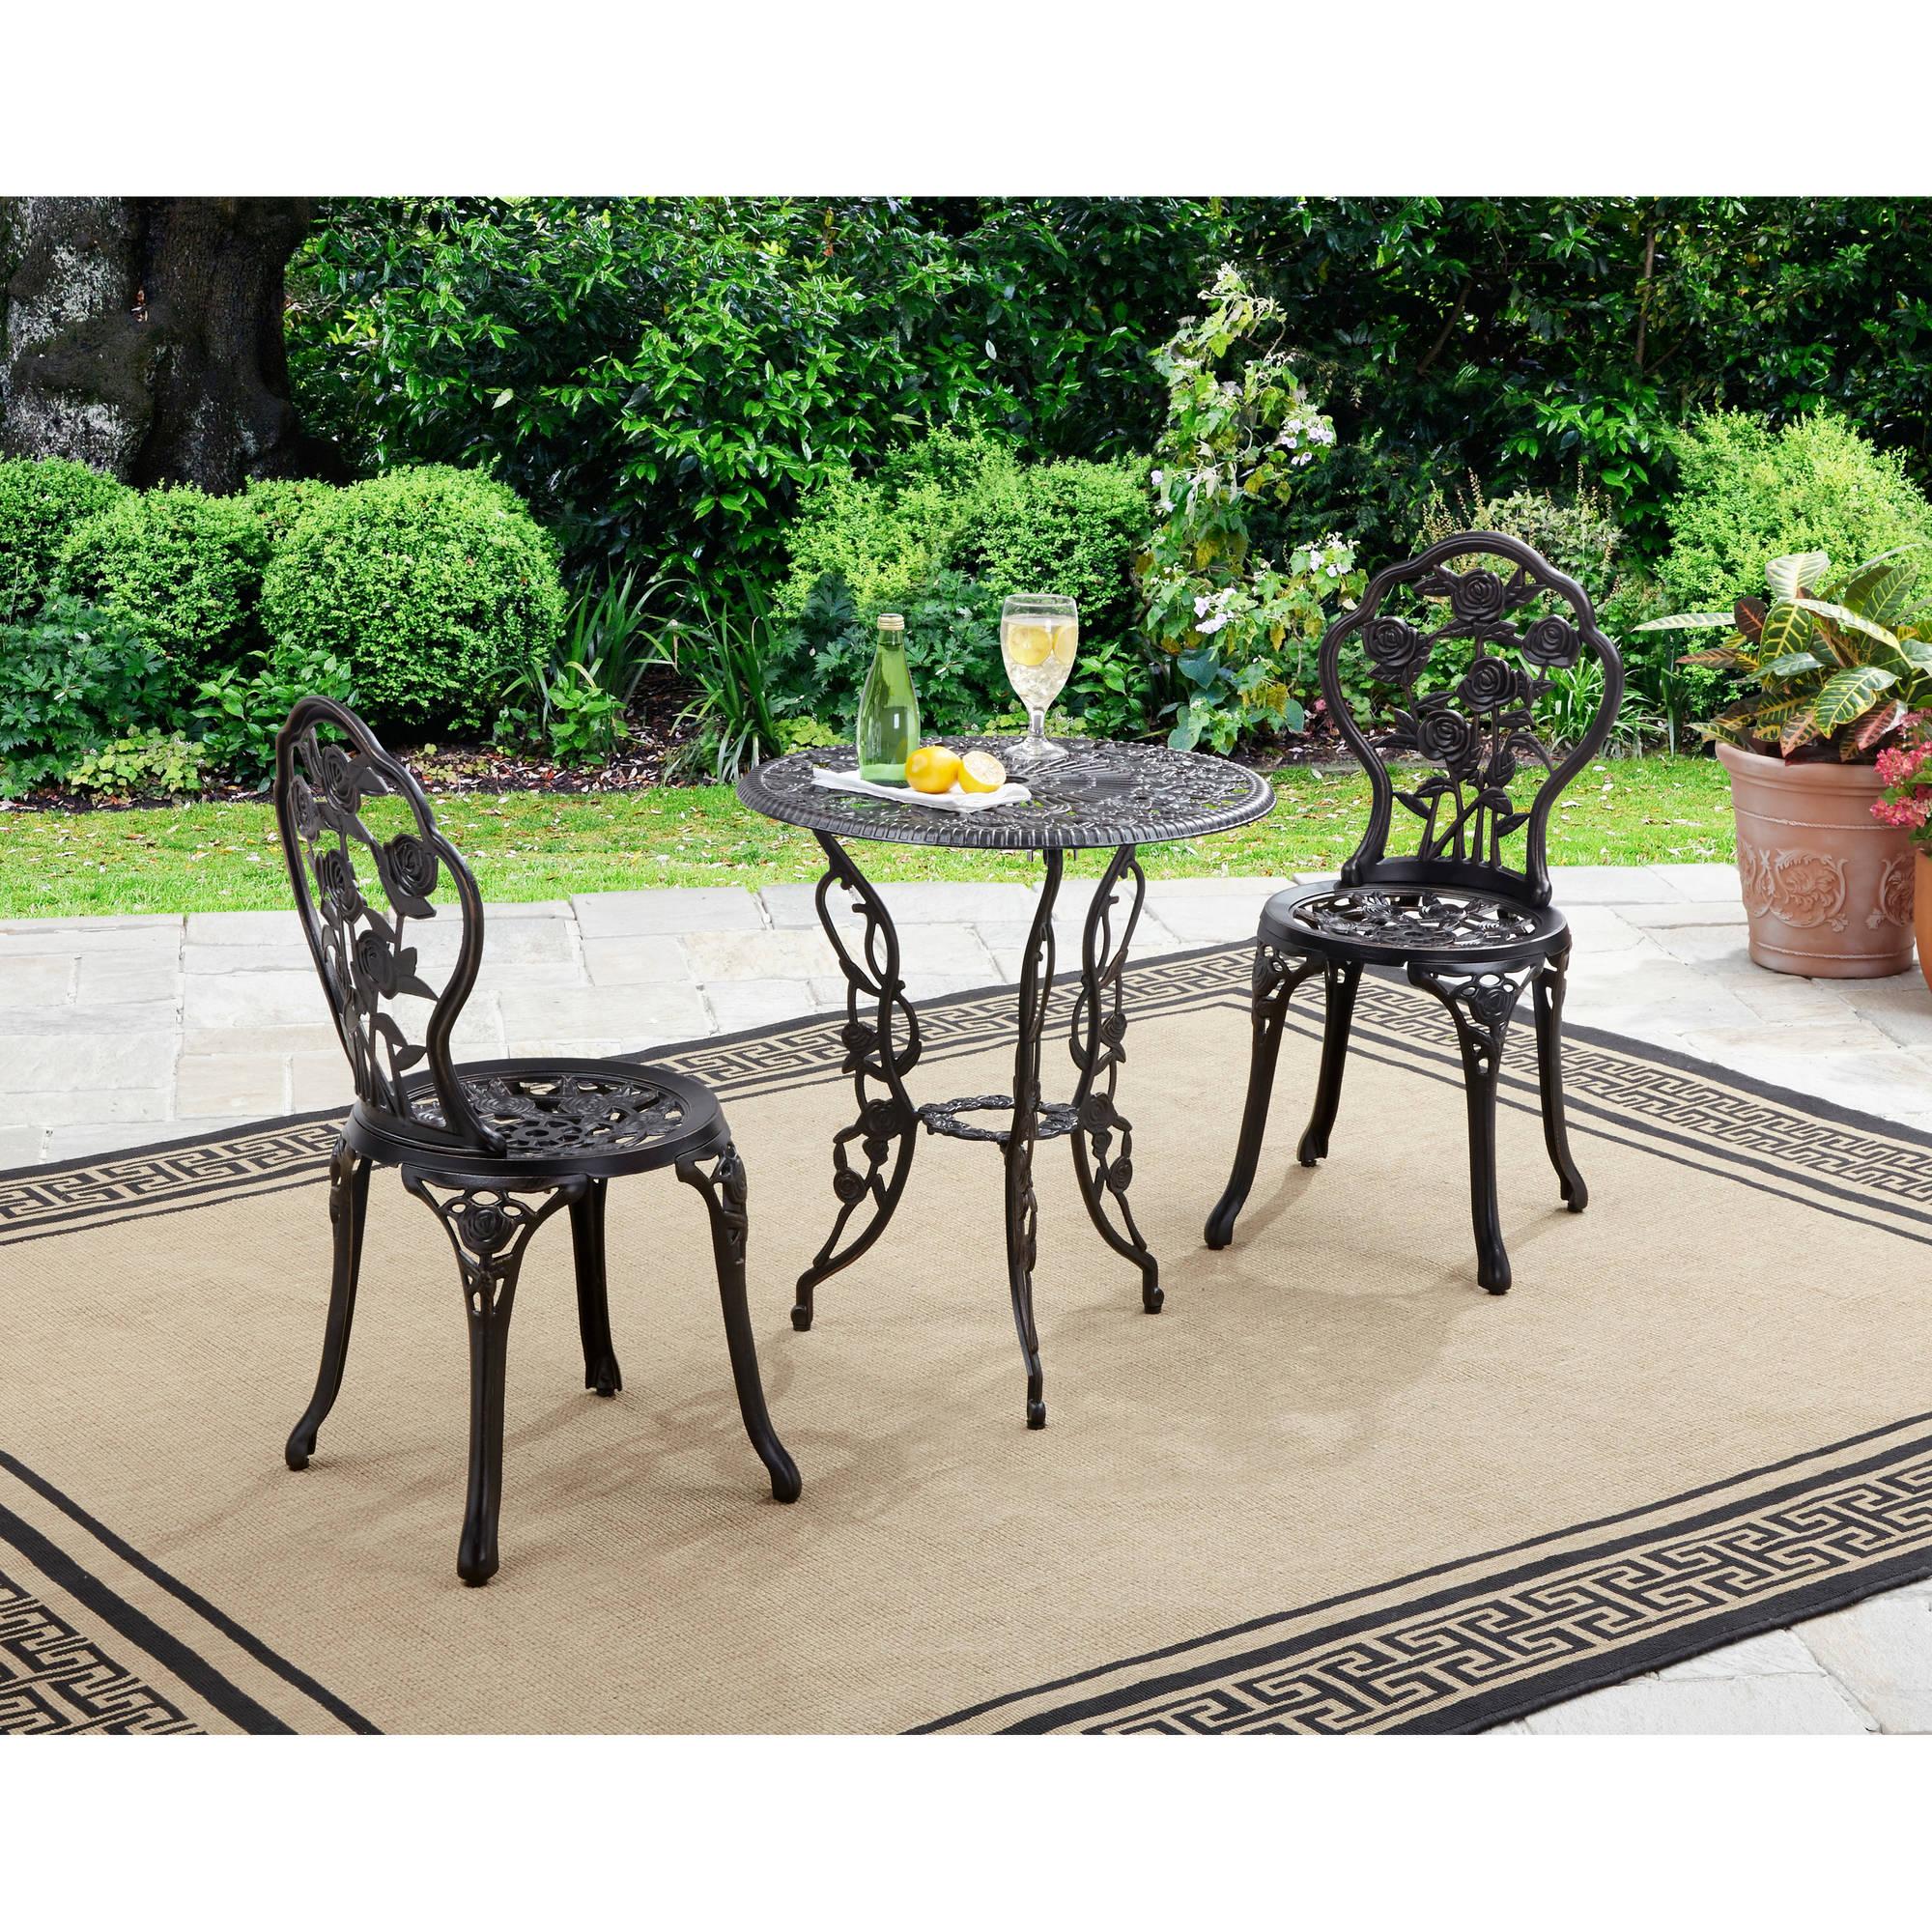 patio bistro set better homes and gardens rose 3-piece bistro set WDYTAEQ